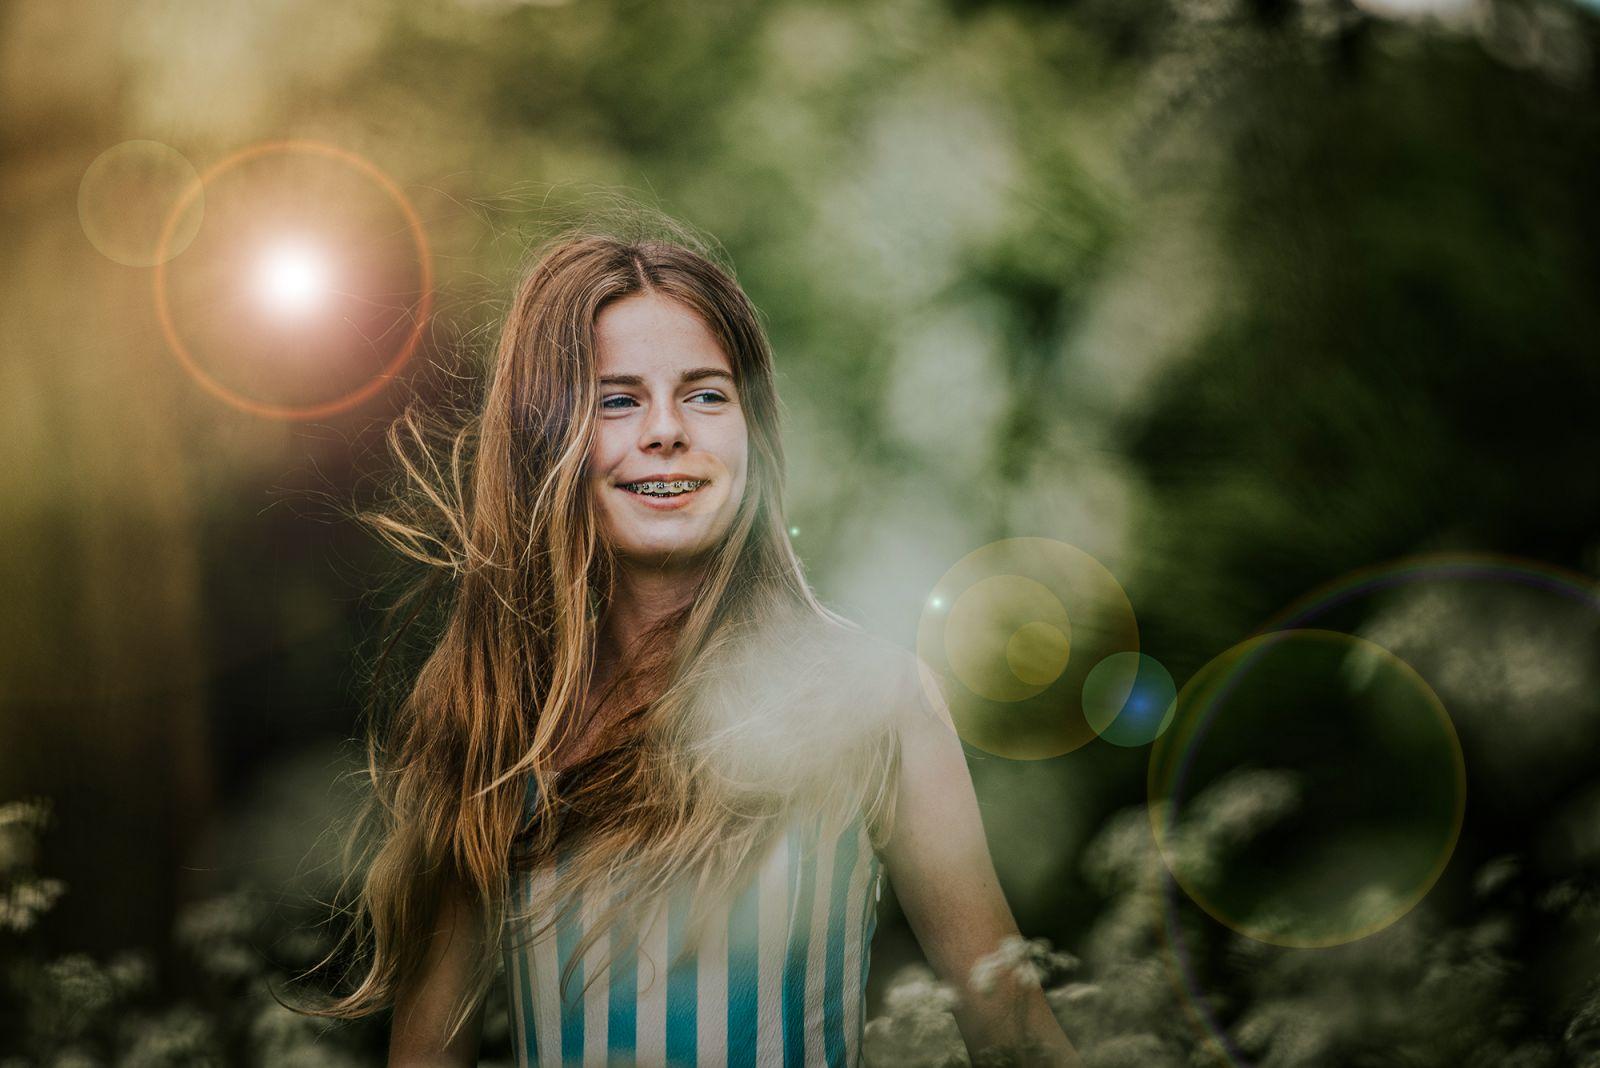 Fotograaf Friesland, Dokkum voor portretten, trouwen en meer